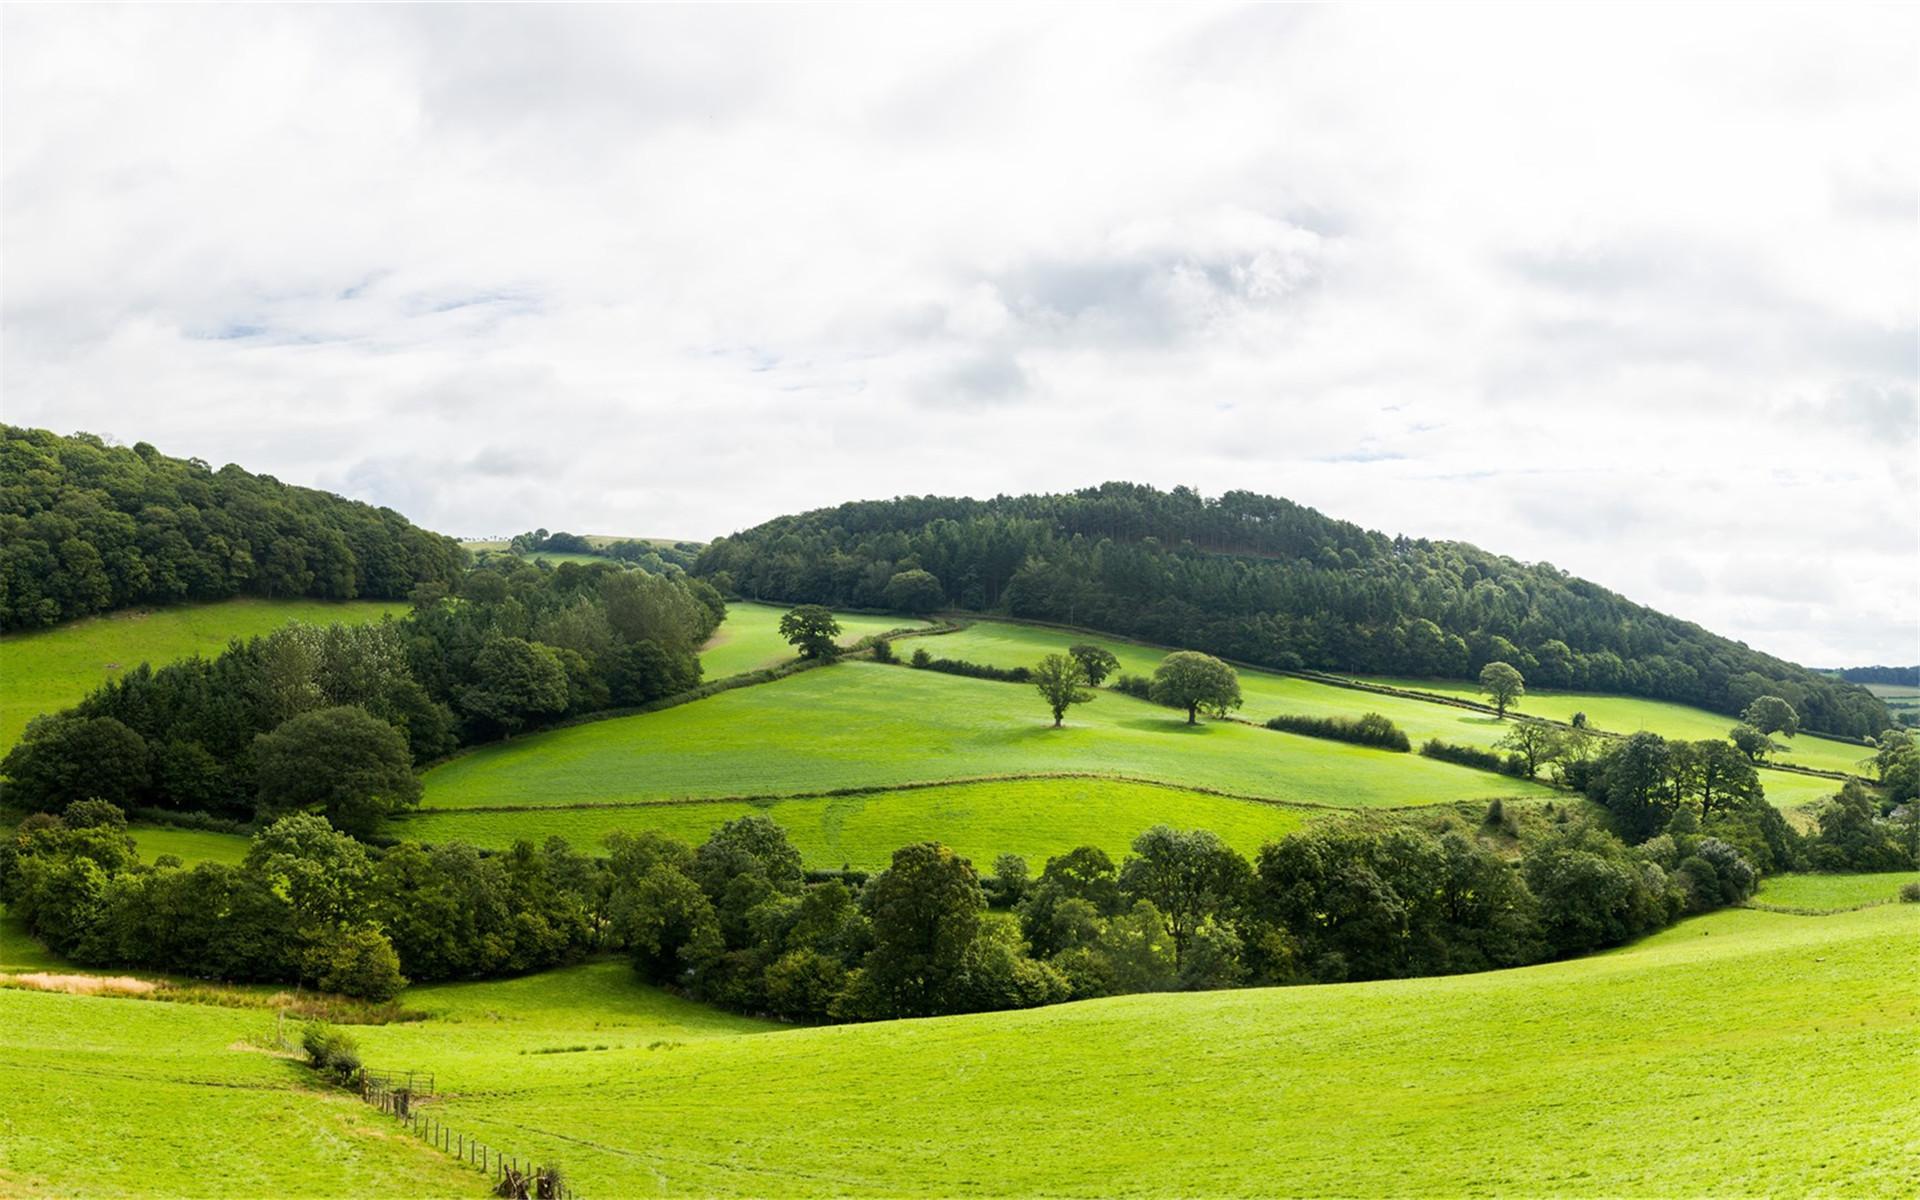 自然风景桌面壁纸护眼 精选清新护眼的大自然绿色高清